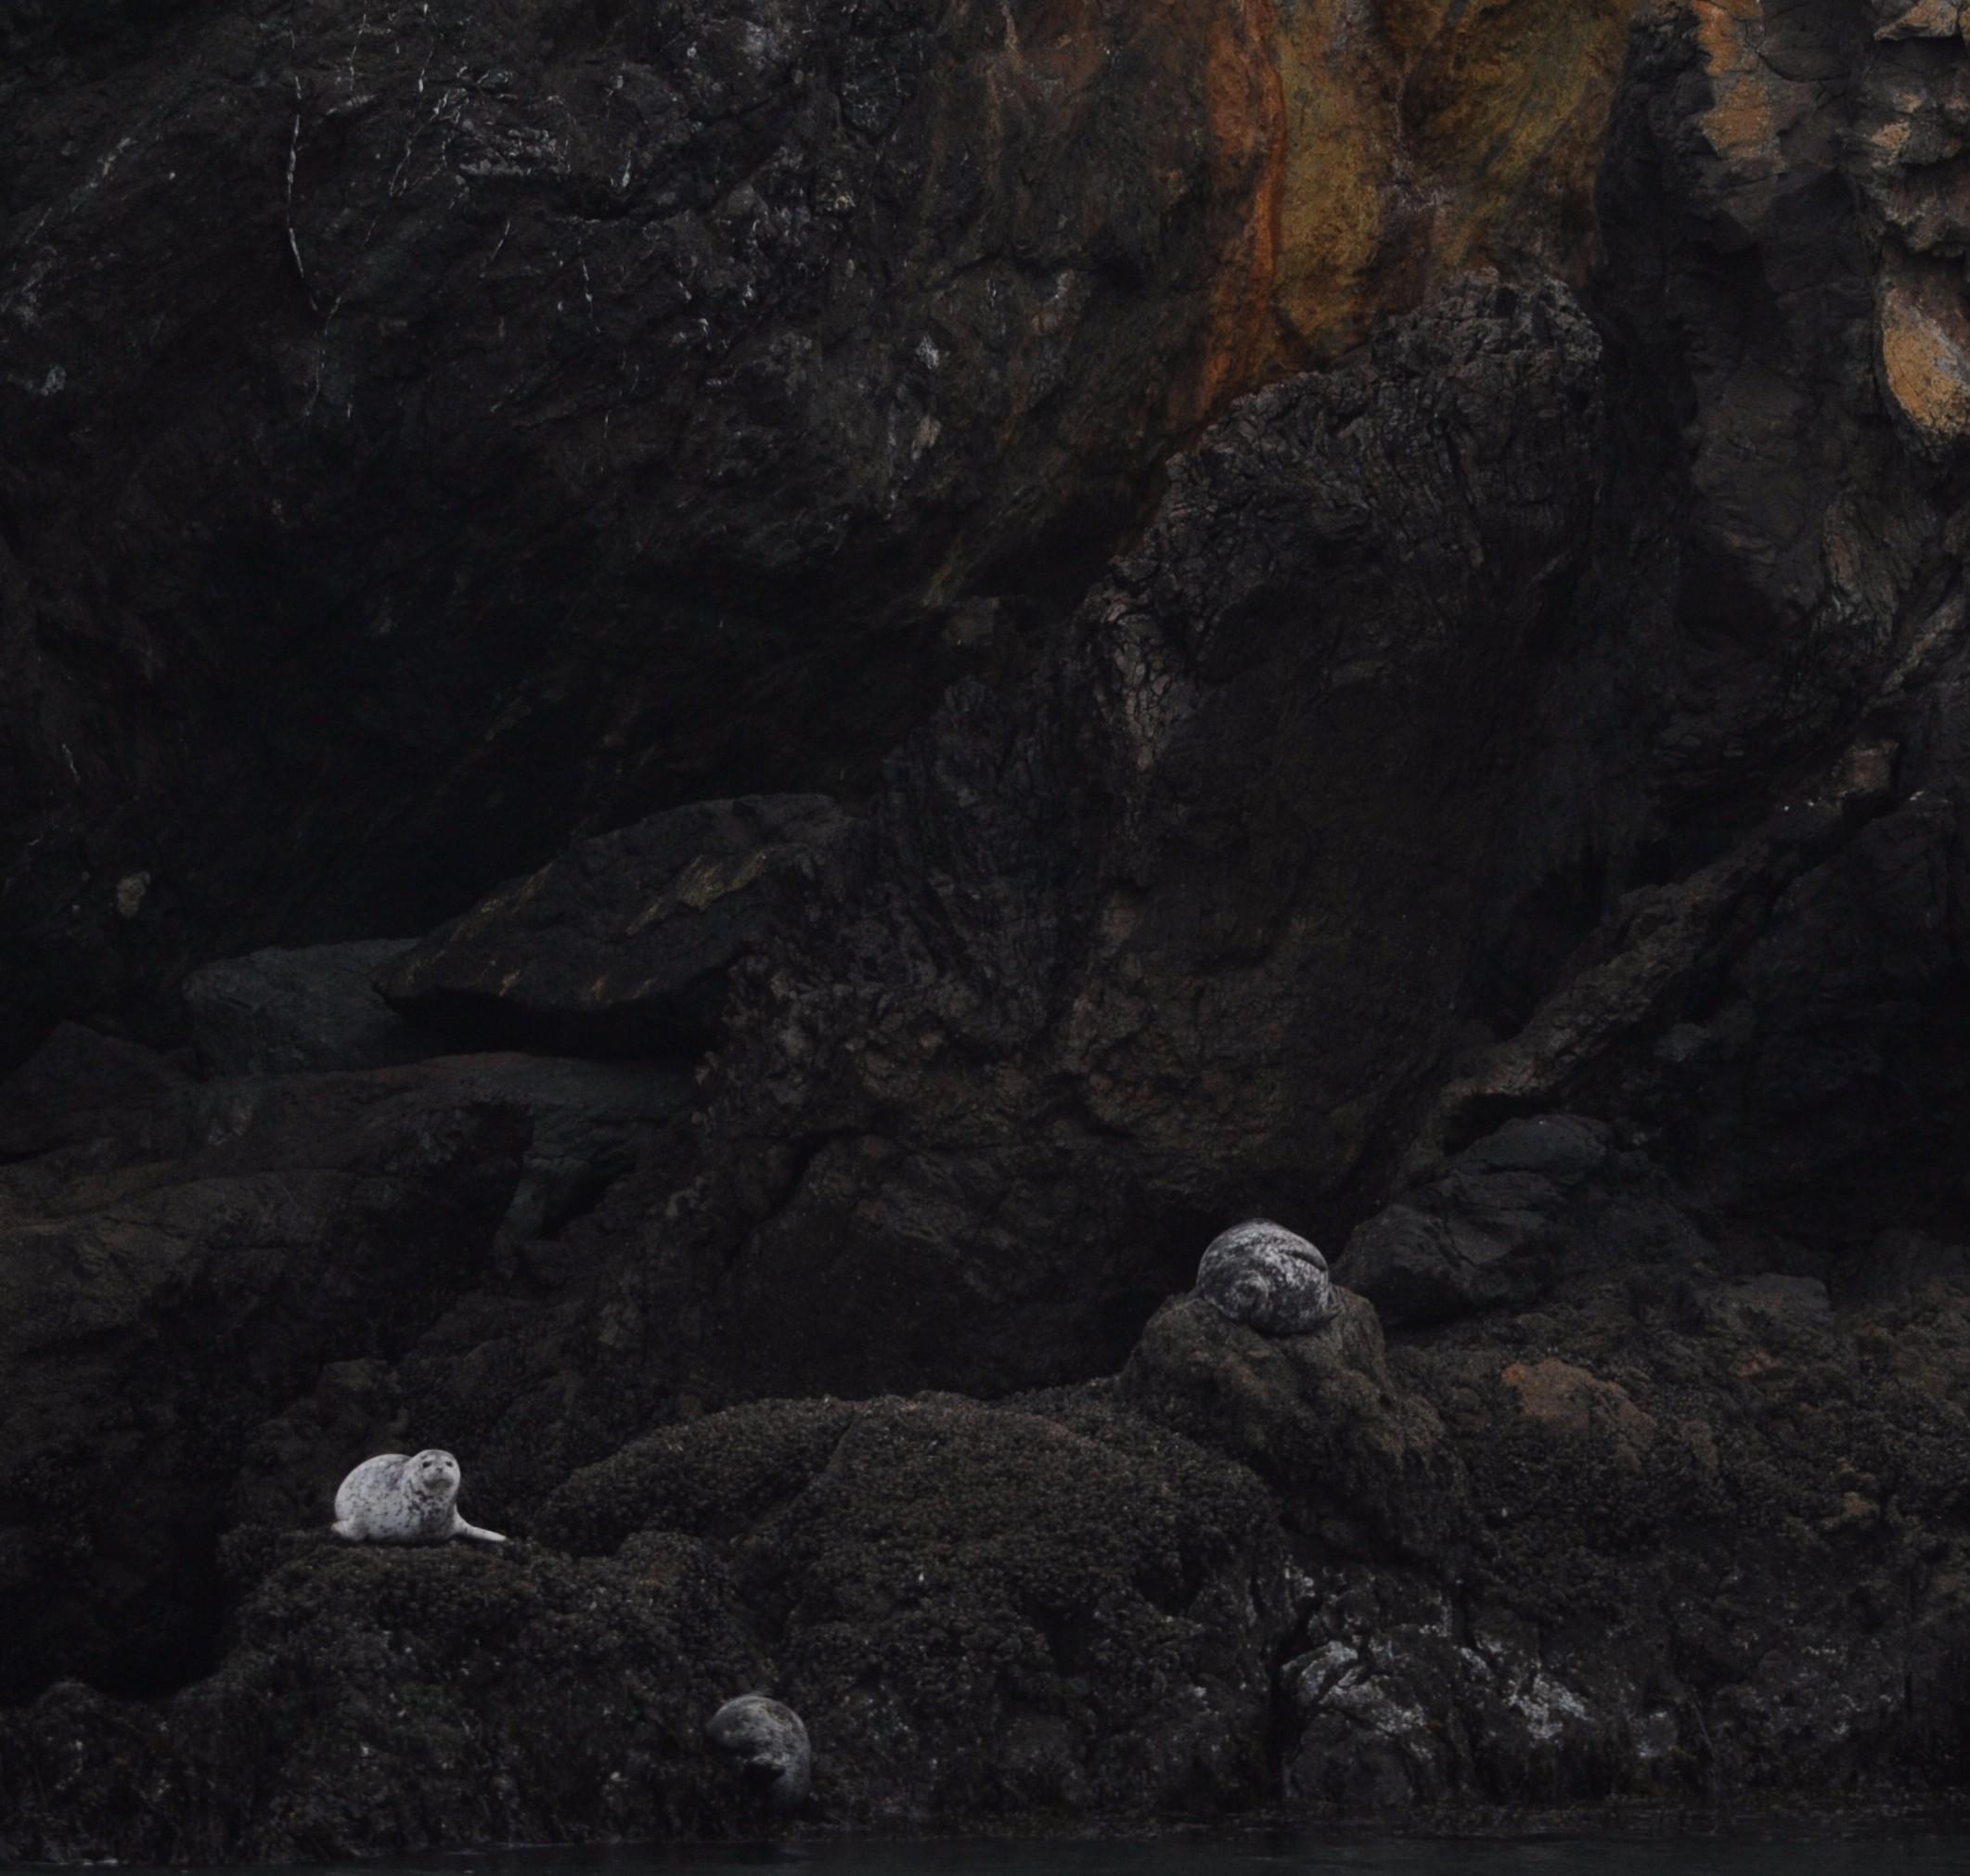 Harbor seals resting near Diablo Cove.